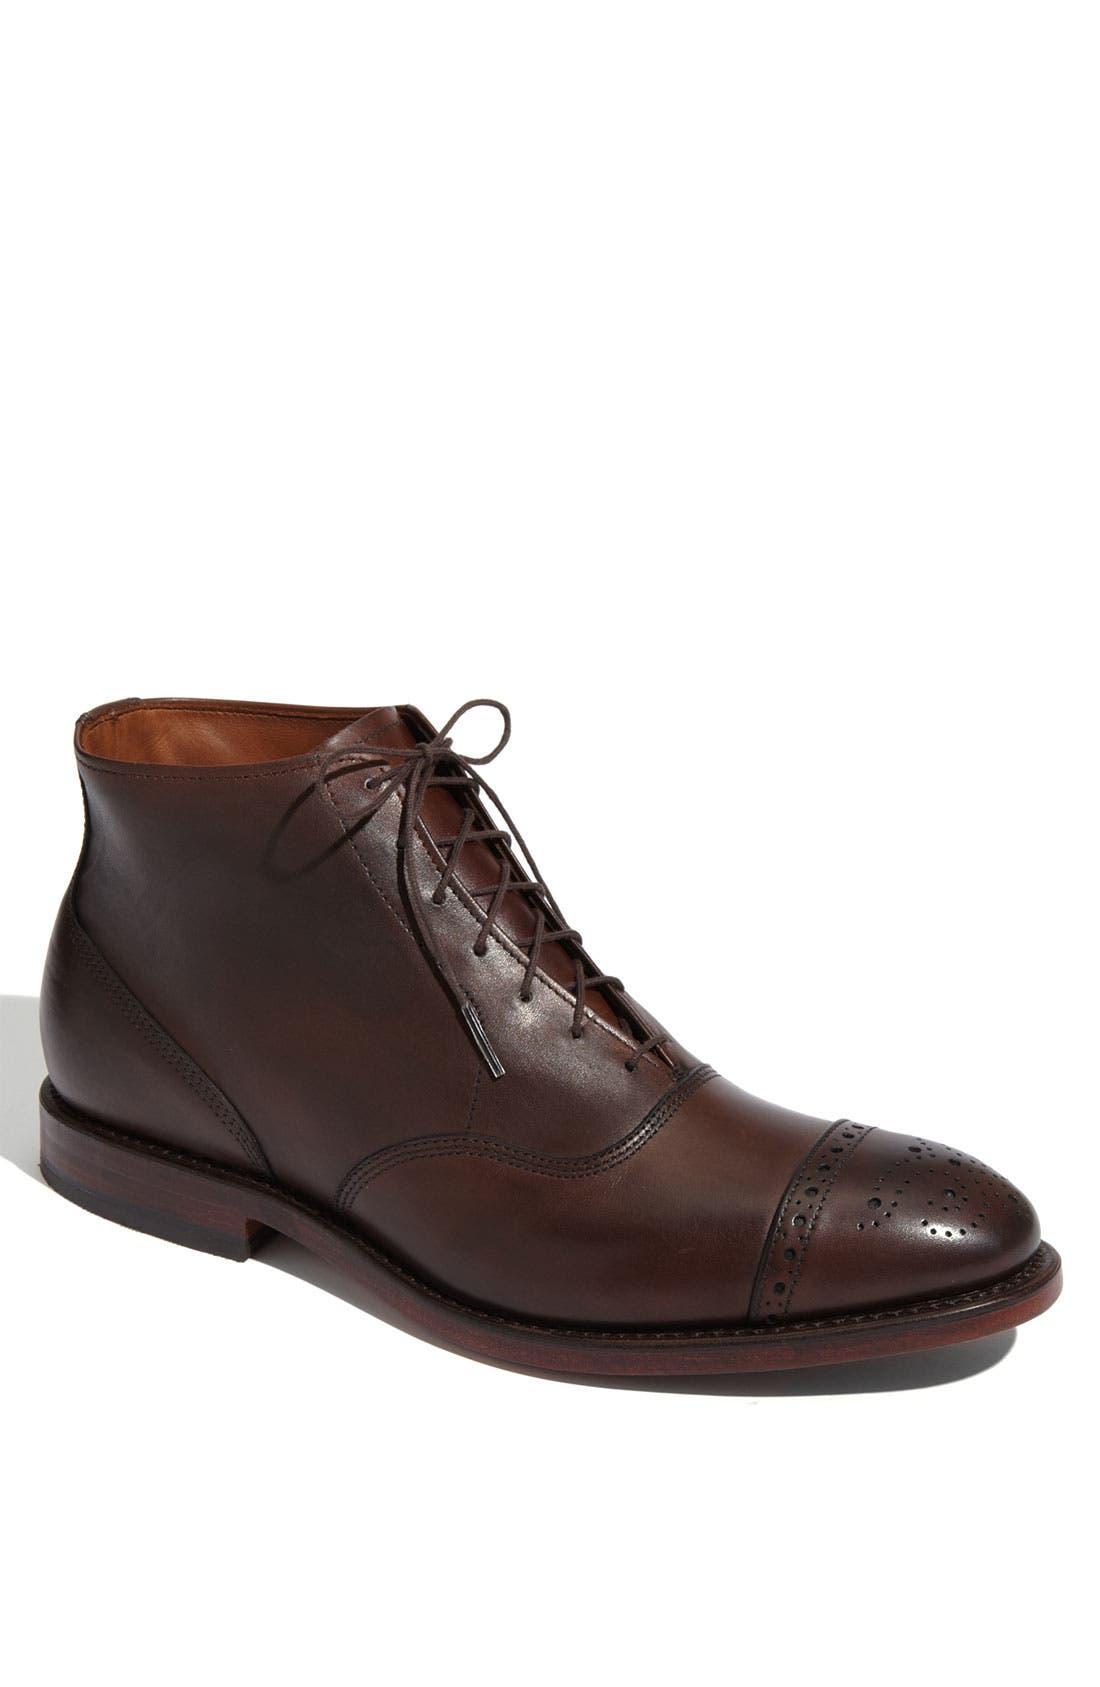 Main Image - Allen Edmonds 'Fifth Street' Boot (Men)